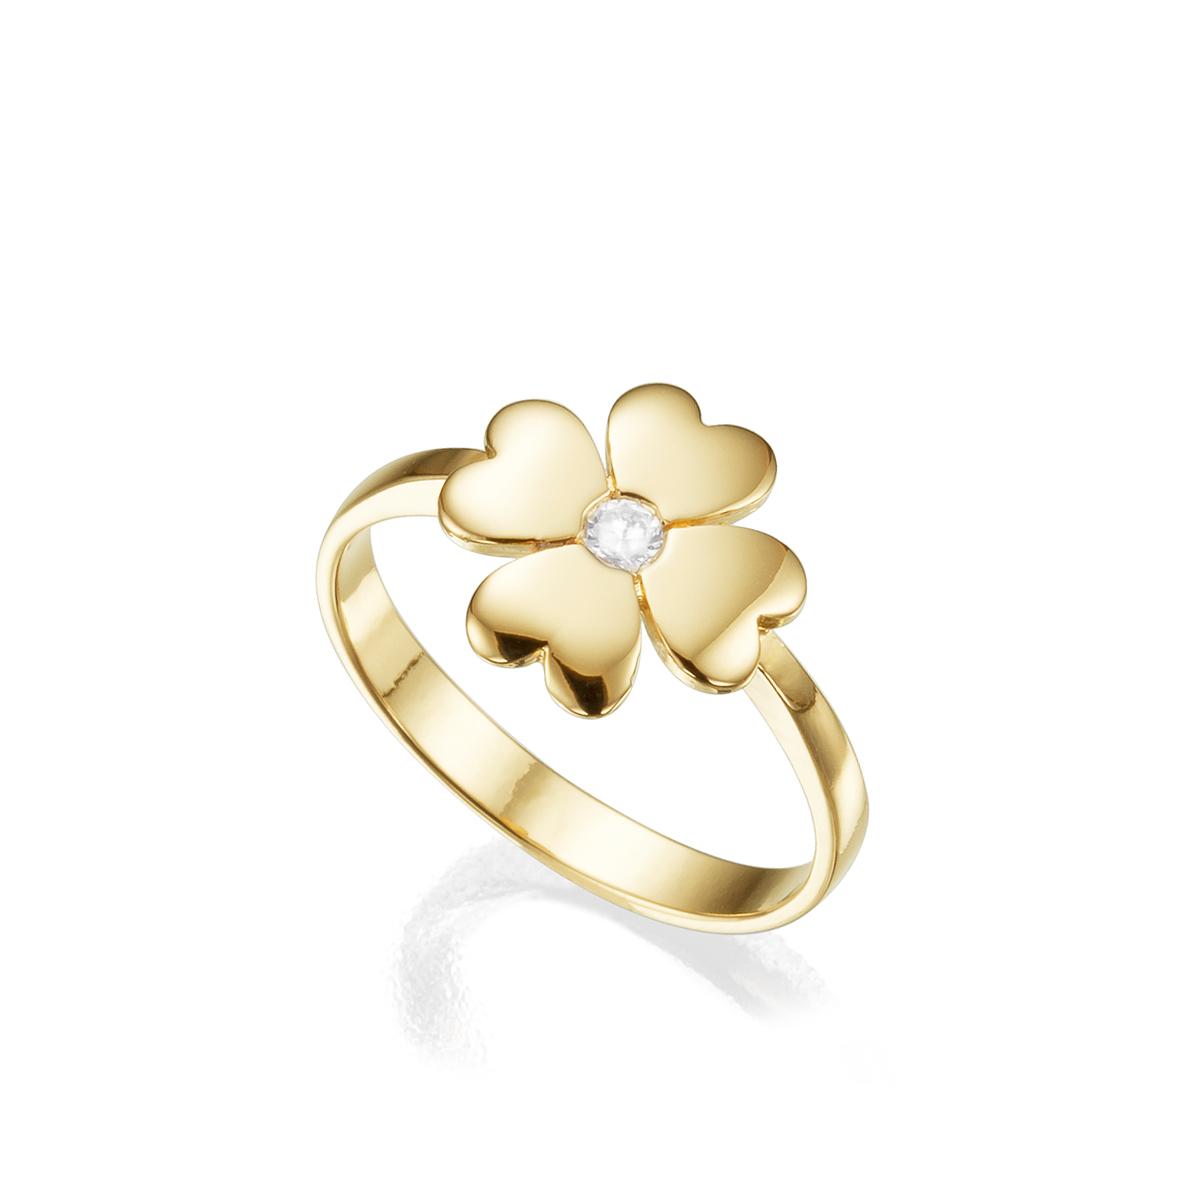 טבעת זהב בצורת 4 לבבות משובצת ביהלום